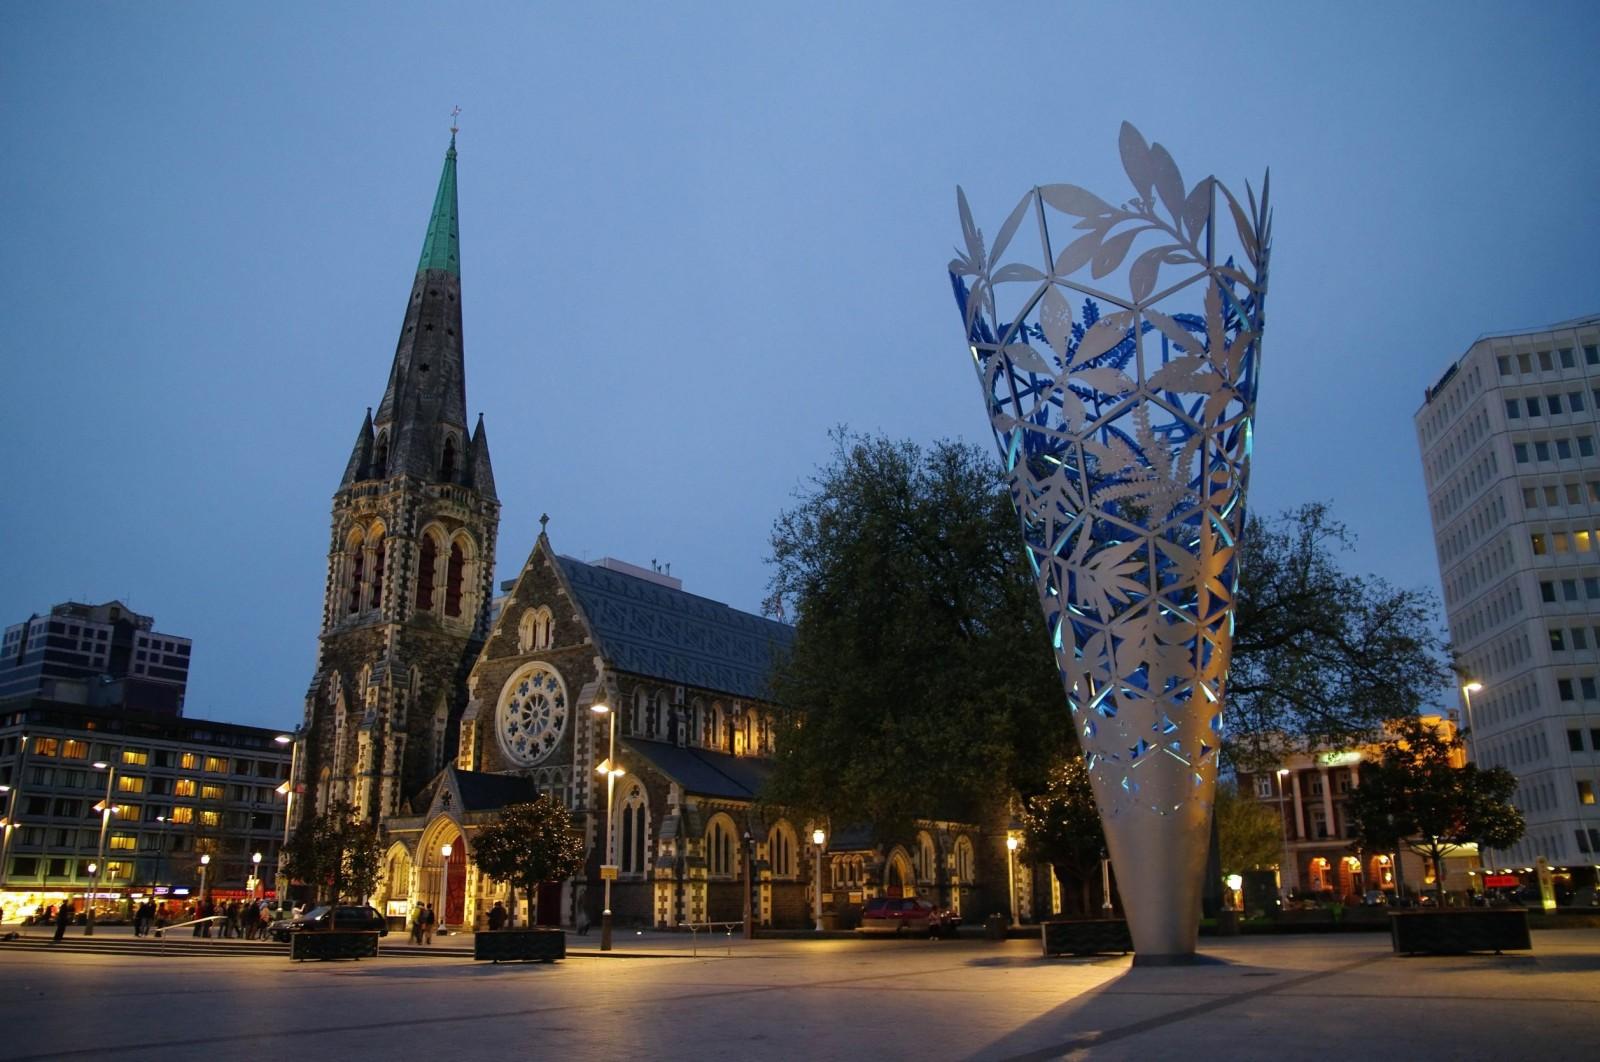 Khám phá đảo Nam New Zeland : Christchurch - Hồ Tekapo - QueenStown- Cromwell  (7 Ngày-6 đêm)